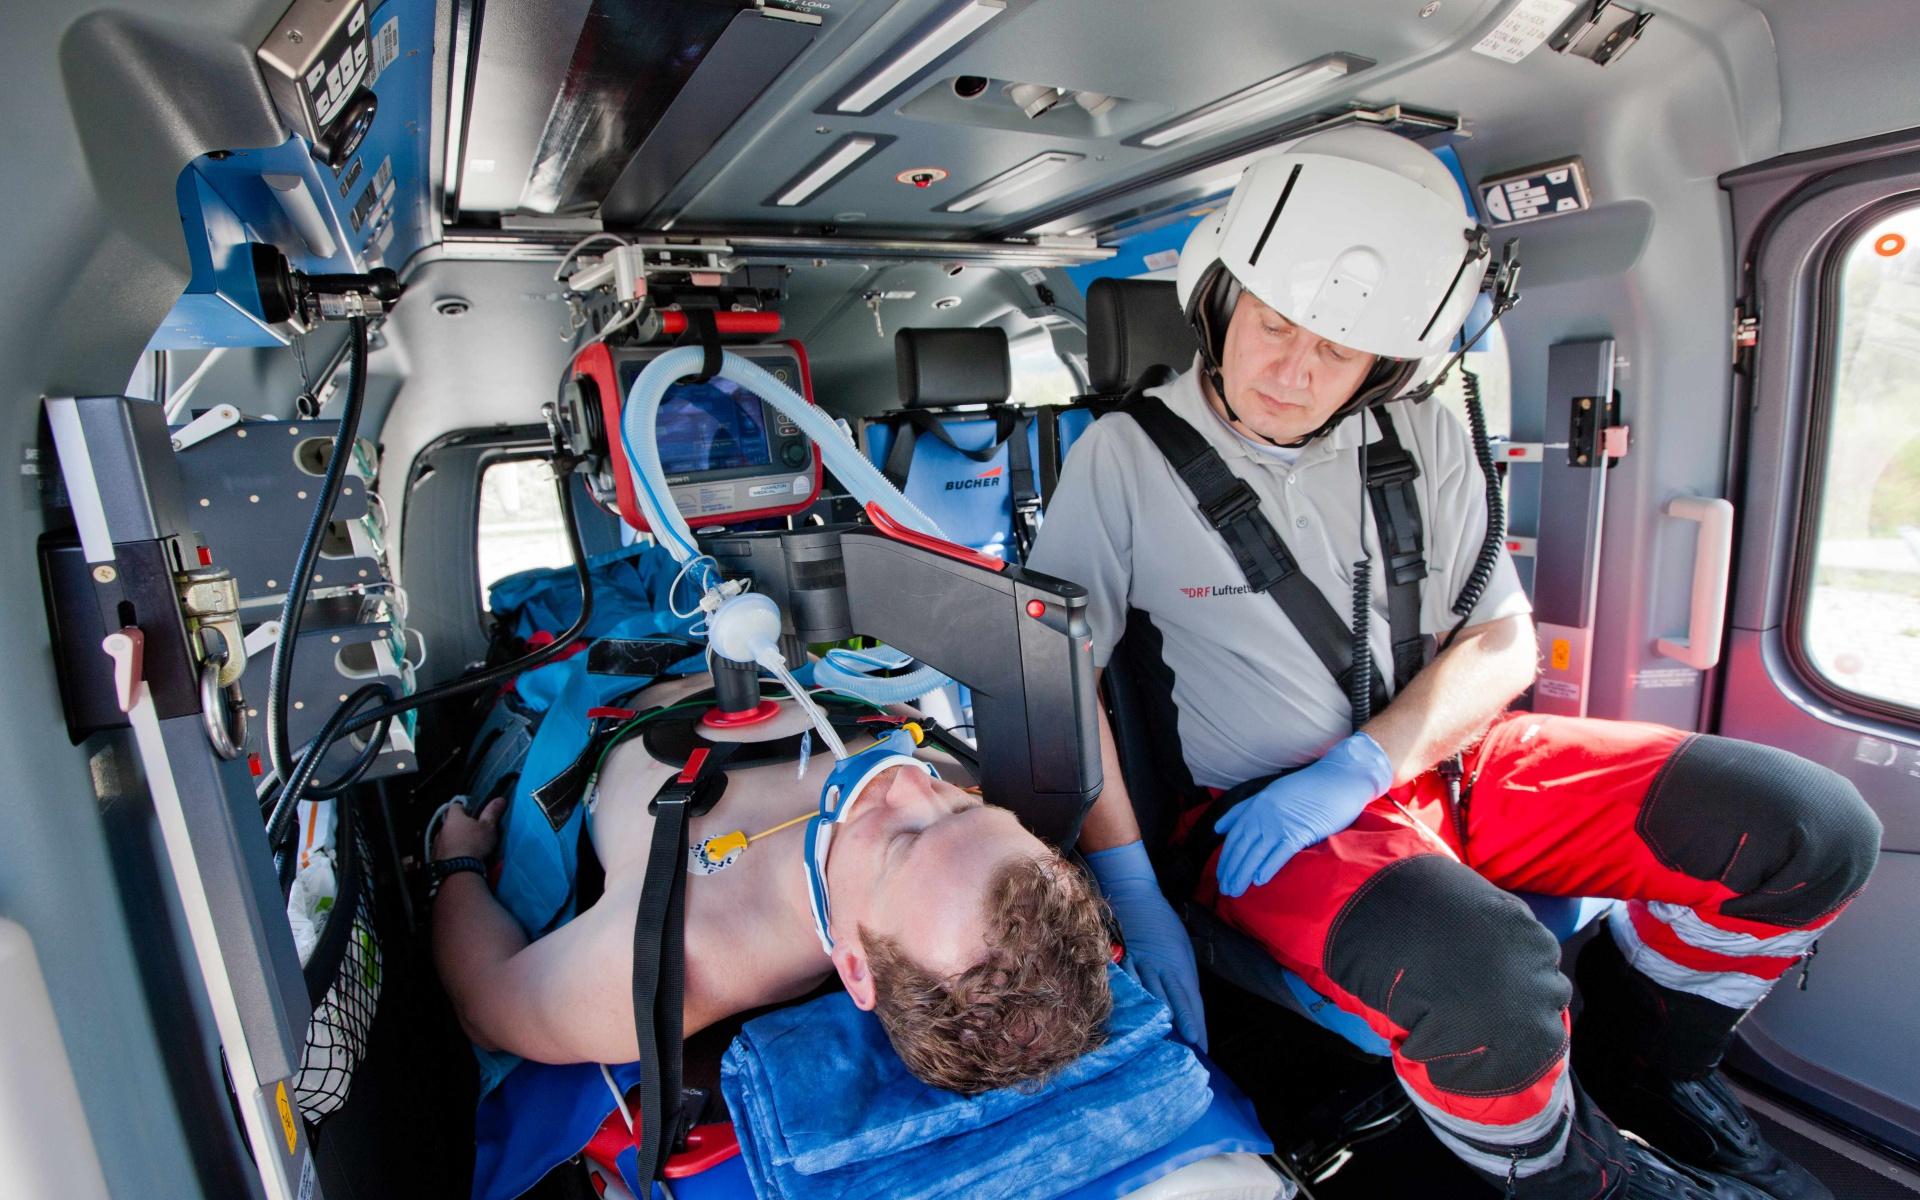 Die Reanimationshilfe ermöglicht eine fortlaufende Herzdruckmassage mit optimaler Drucktiefe und -frequenz – am Einsatzort, während des Umladens des Patienten und sogar im Flug.